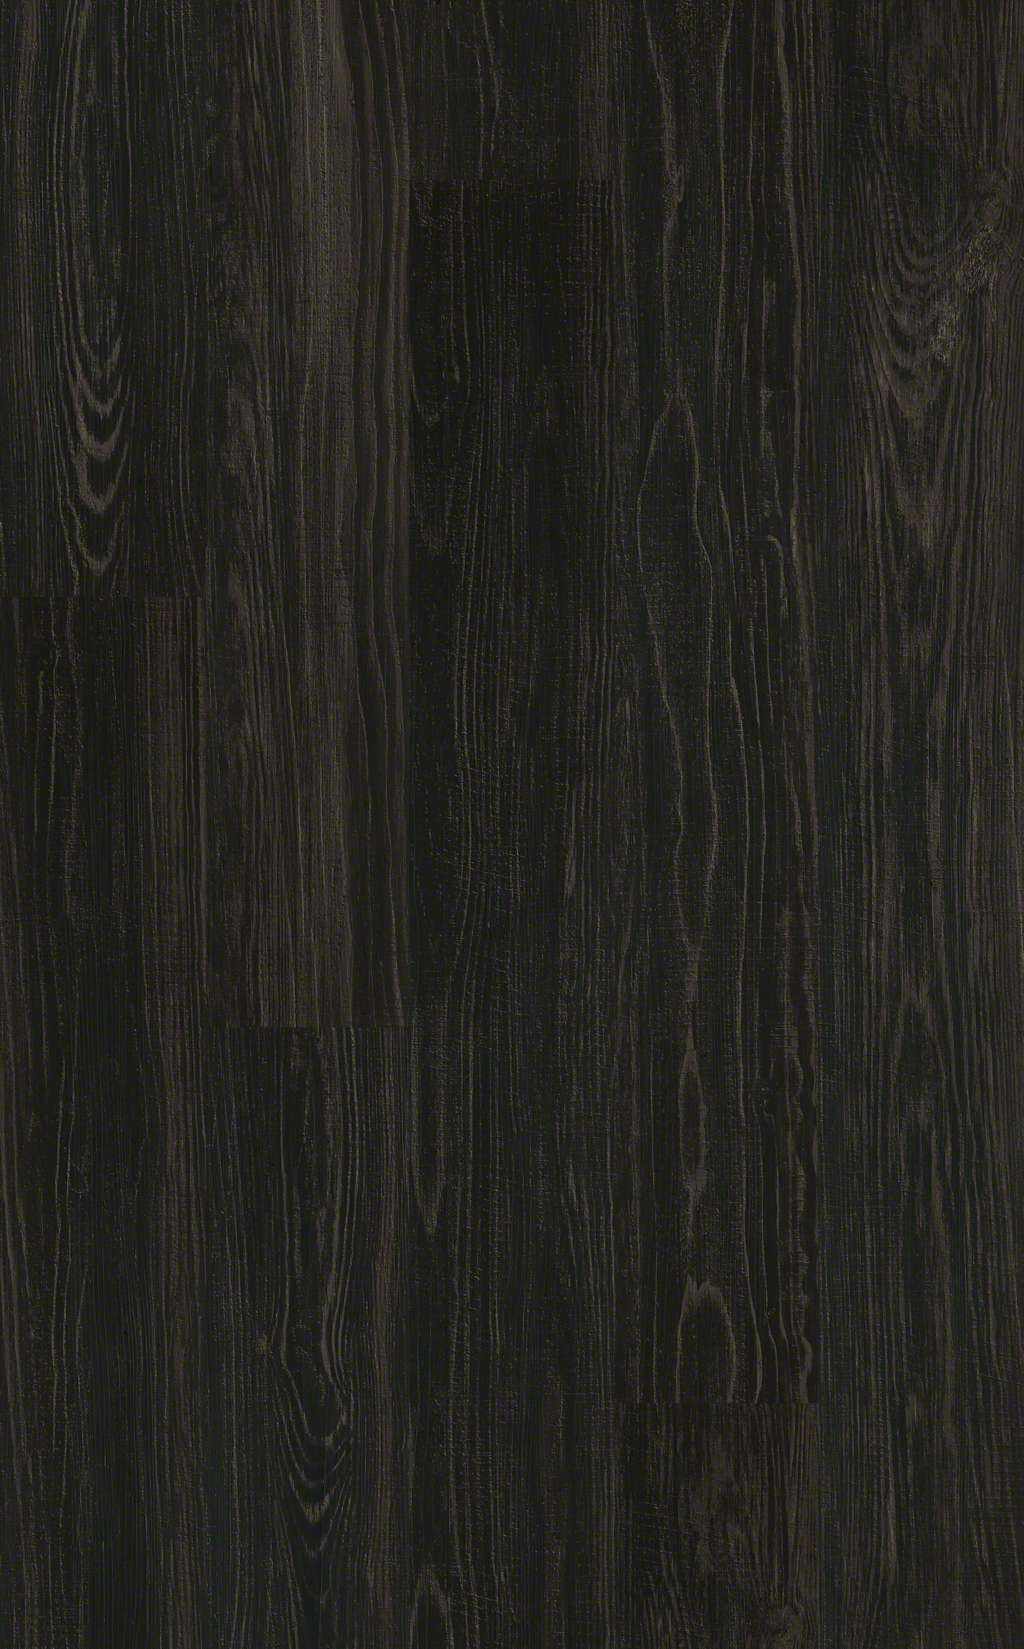 Vinyl Flooring Vs Hardwood Of Uptown Plank 0505v Vinnings Drive Vinyl Flooring Vinyl Plank Inside Uptown 12mil Vinyl Vinnings Drive Swatch Image